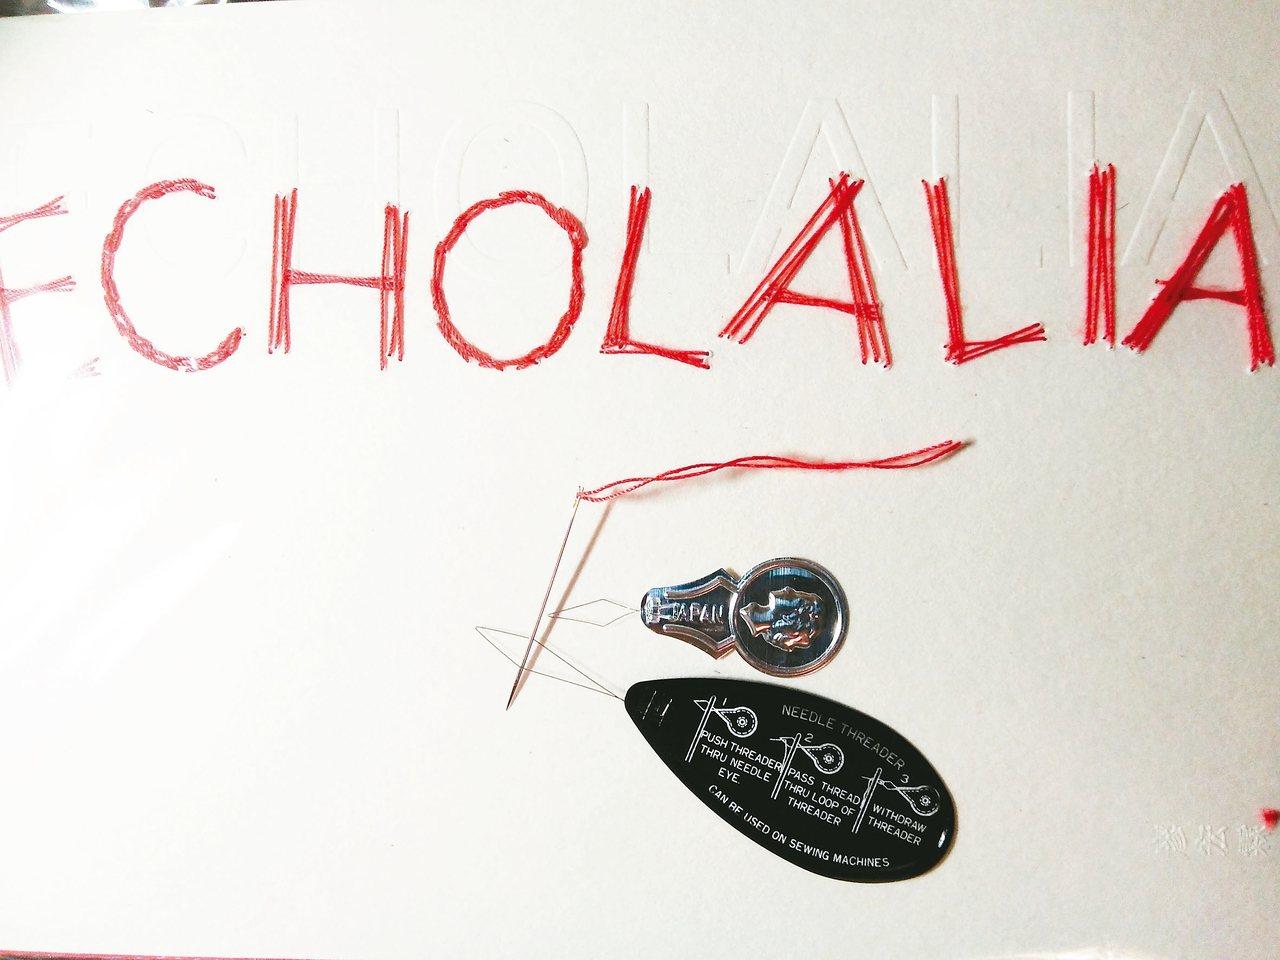 用紅色的手縫線縫出「聲線」的概念,初期想要呼應書名「ECHOLALIA」,希望有...